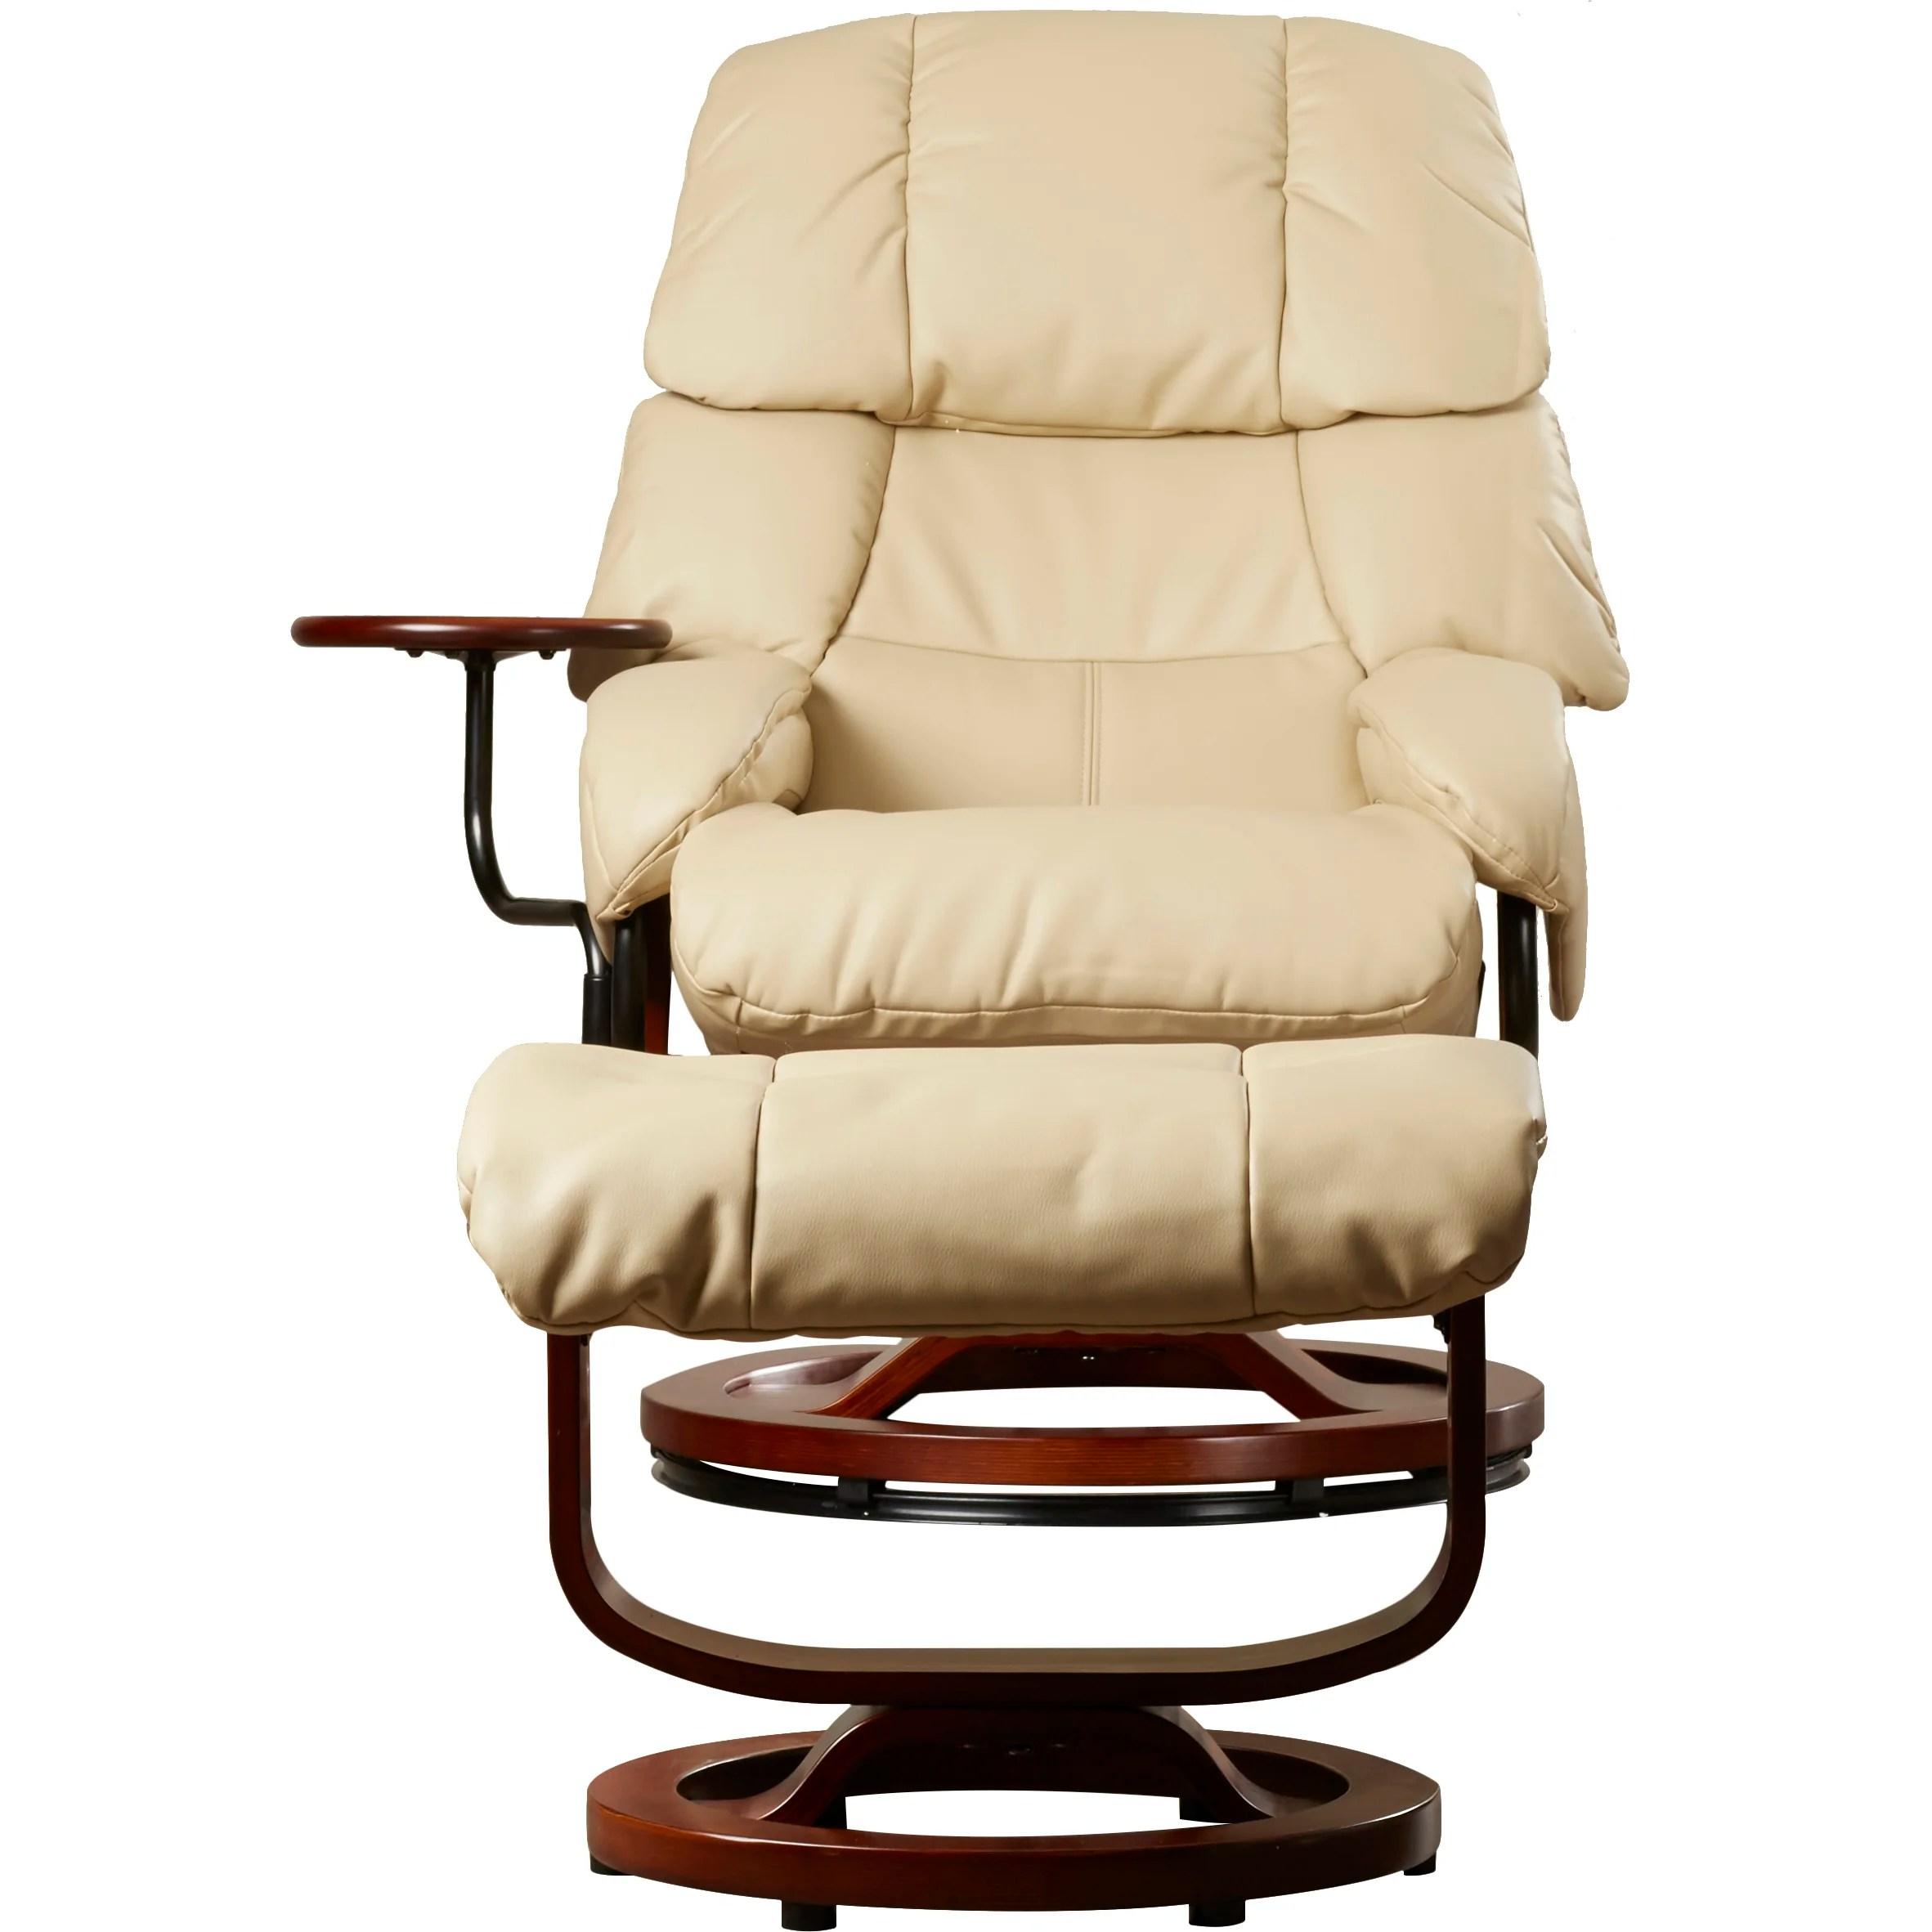 recliner chair handle broken bed pillow red barrel studio tooth standard and